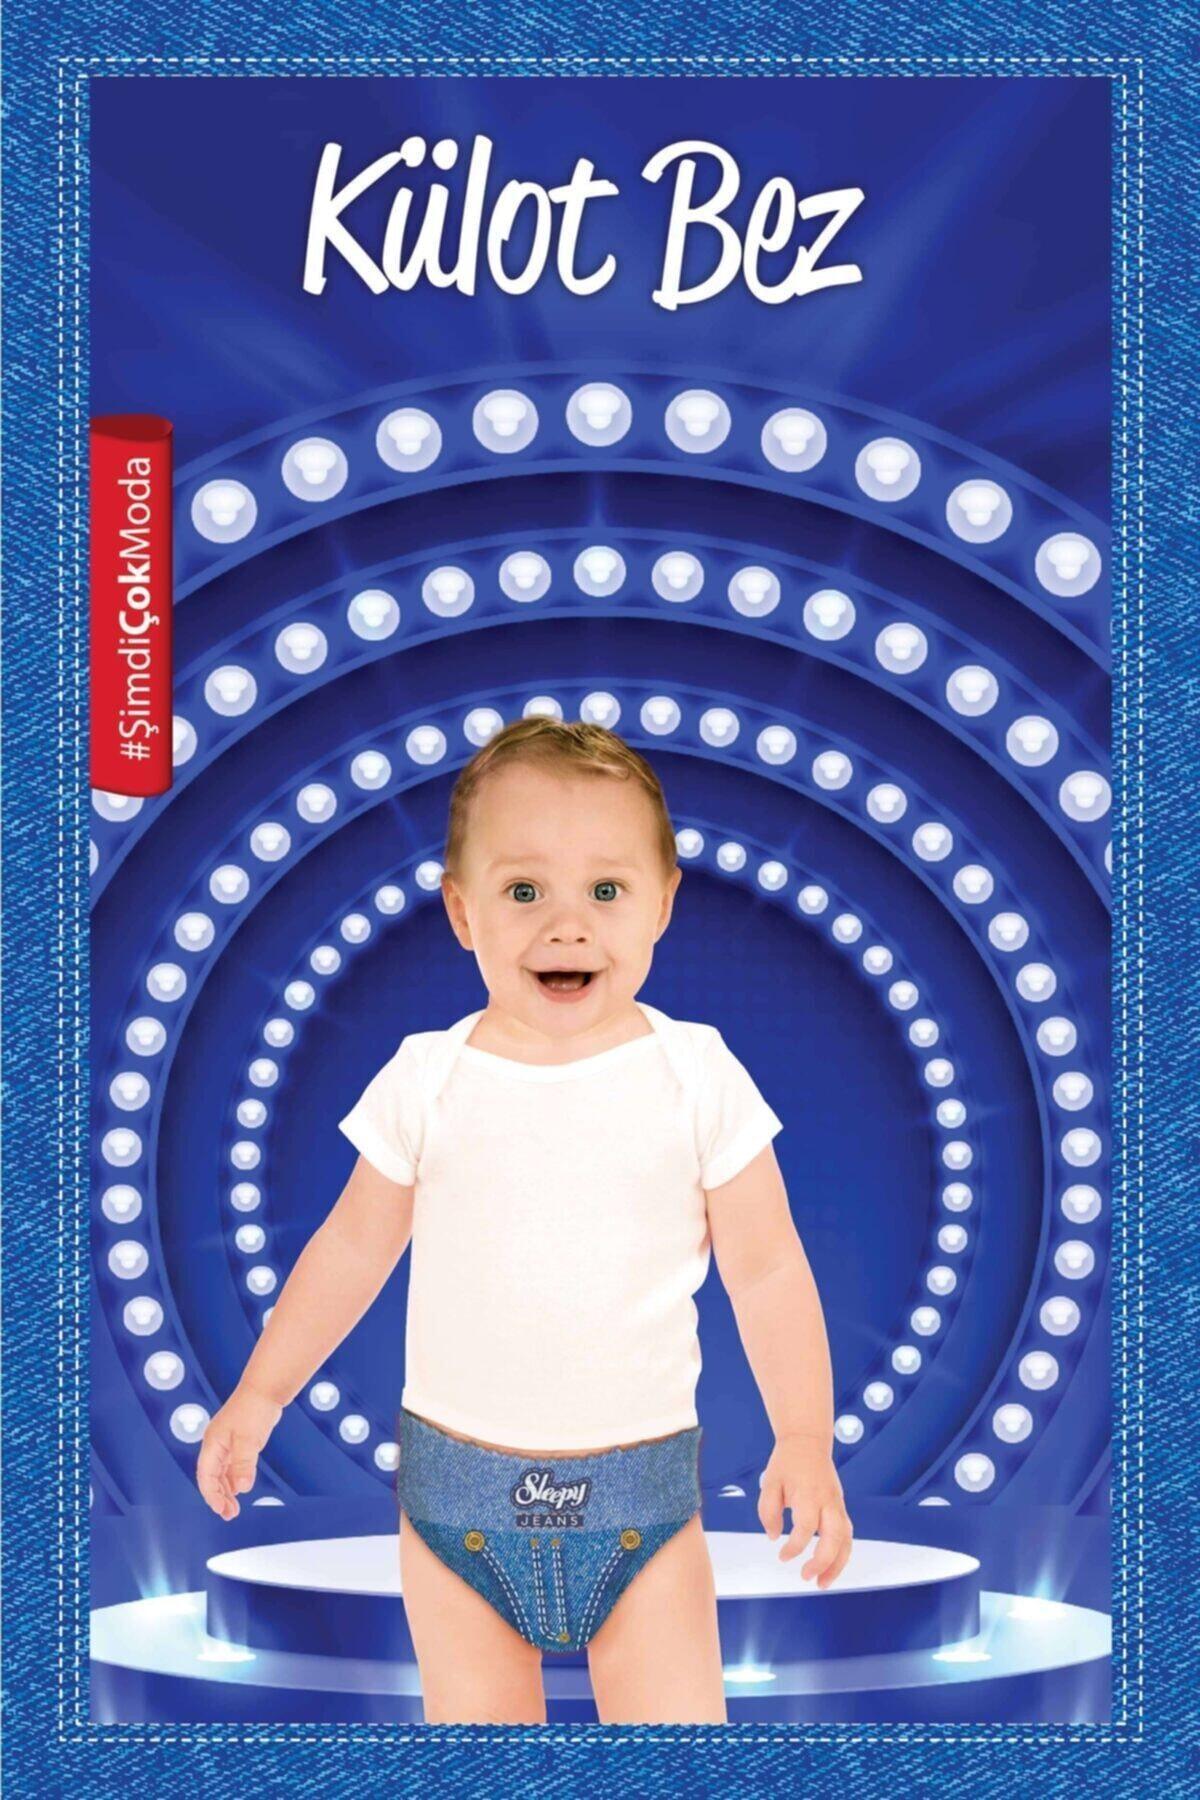 Sleepy Jeans Külot Bez 4 Beden Numara Maxi 240 Adet (7-14 Kg) 2